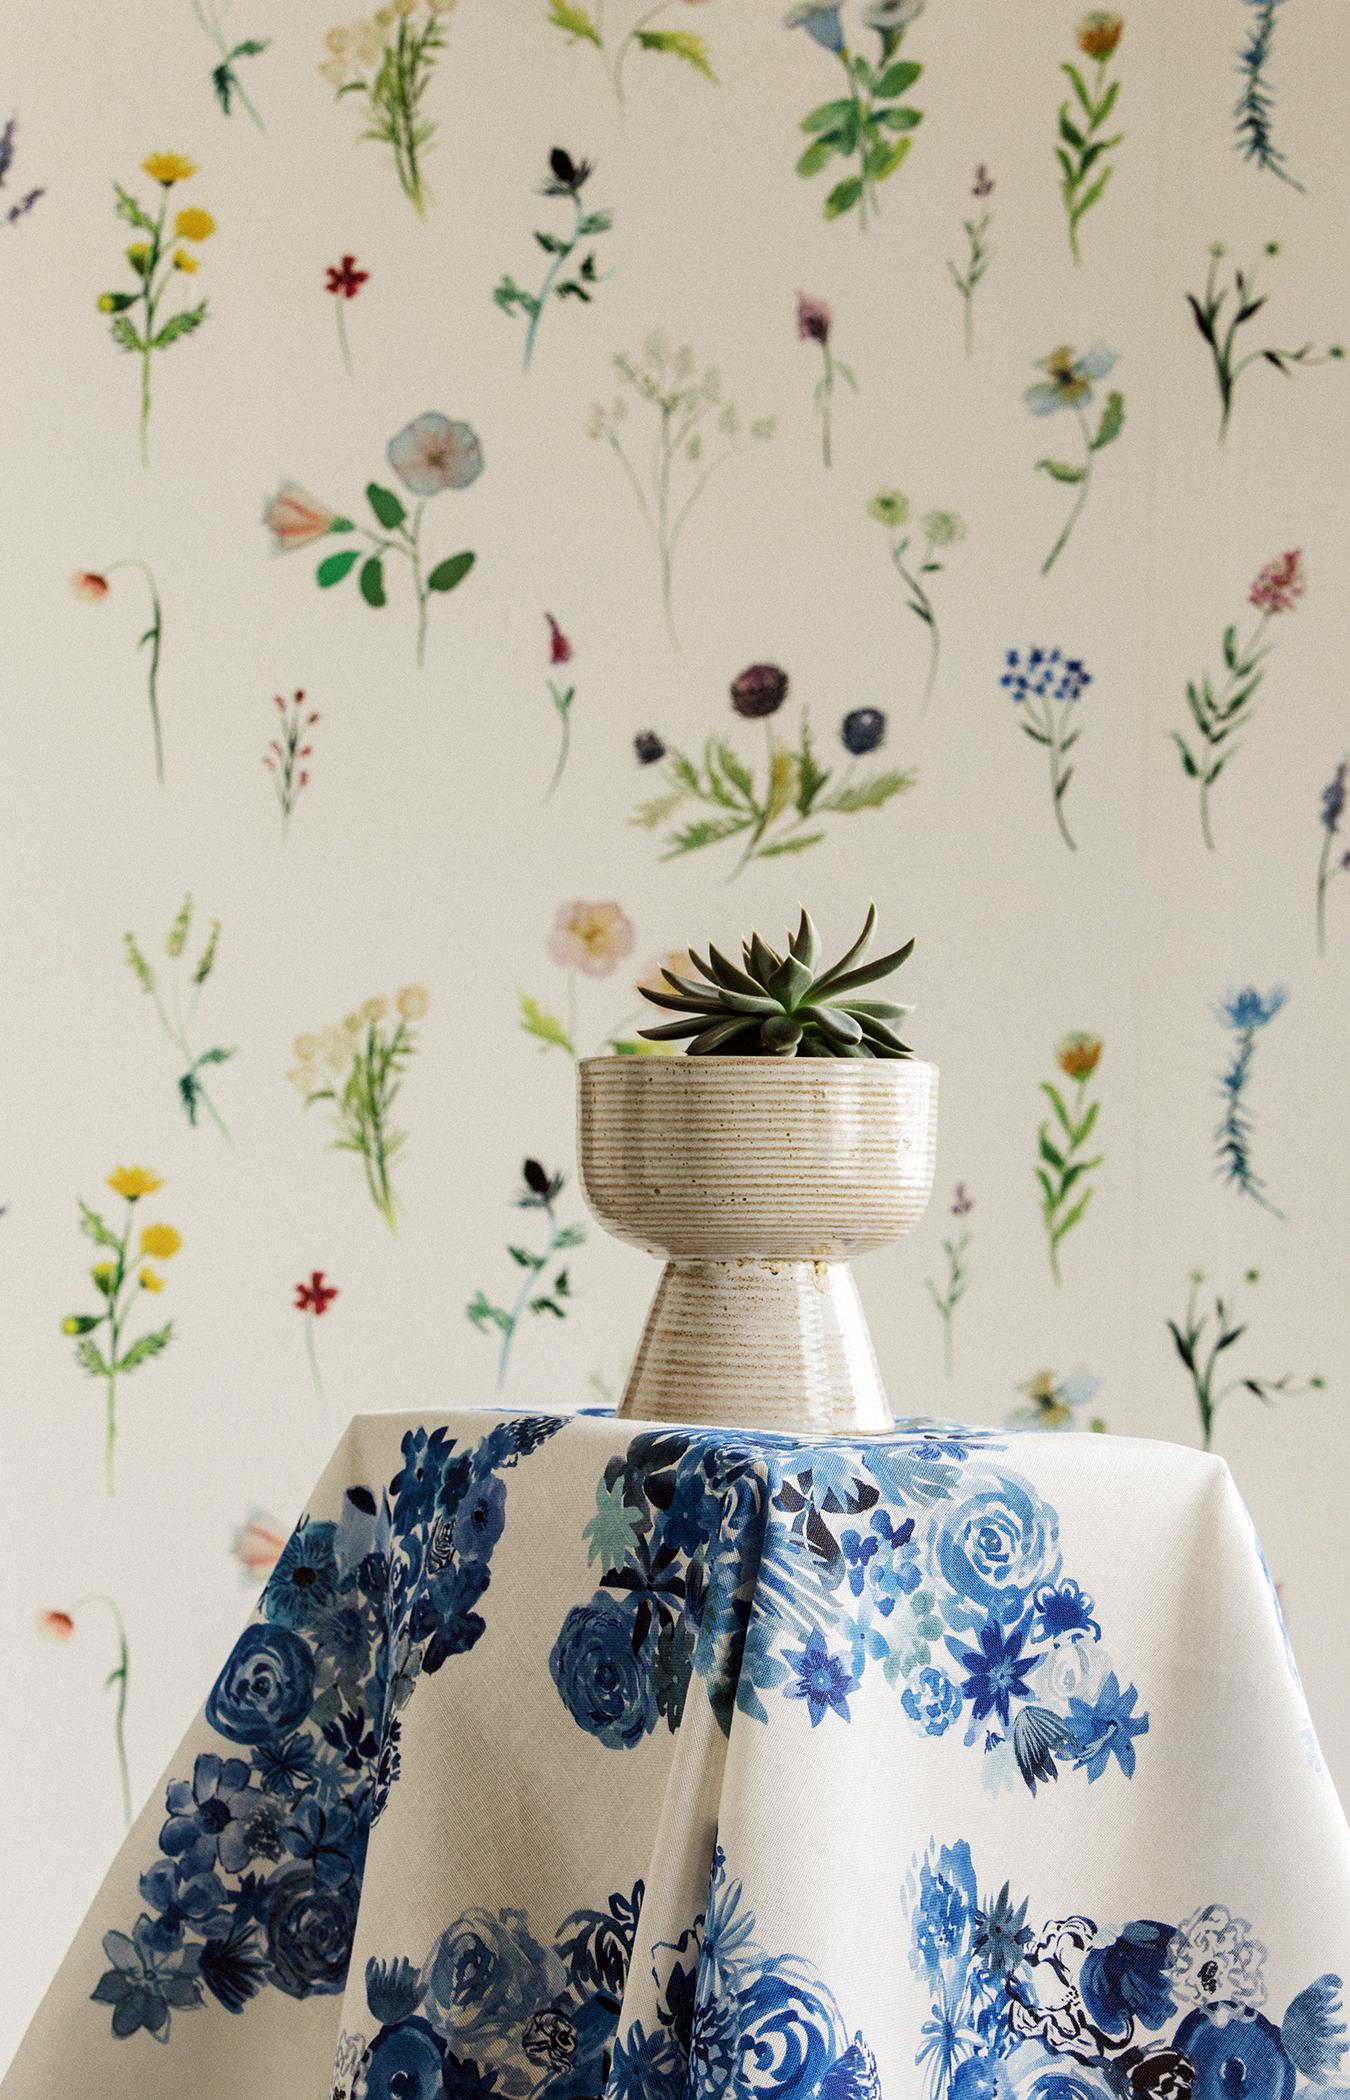 Flora Casbah Blue Floral Fabric Flat Vernacular